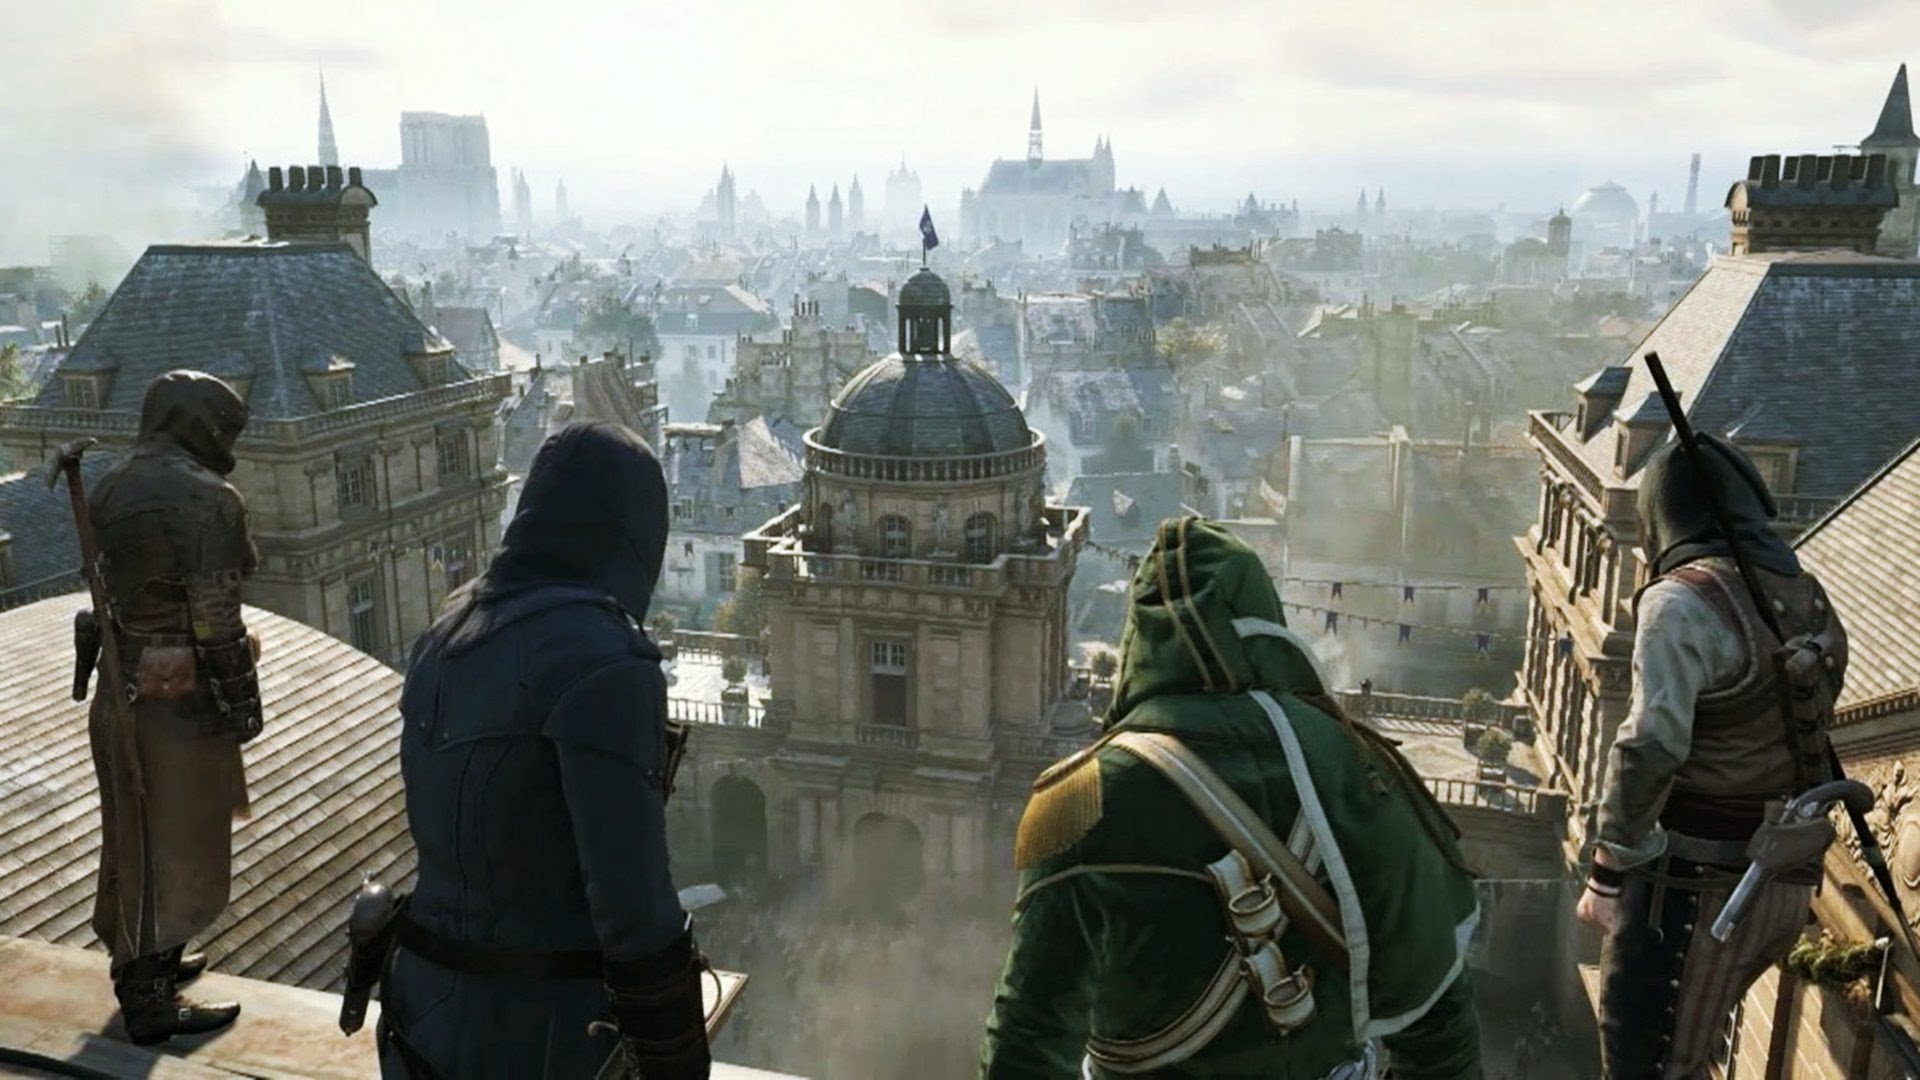 Assassins Creed Unity Wallpaper Hd Games Wallpaper Altilici